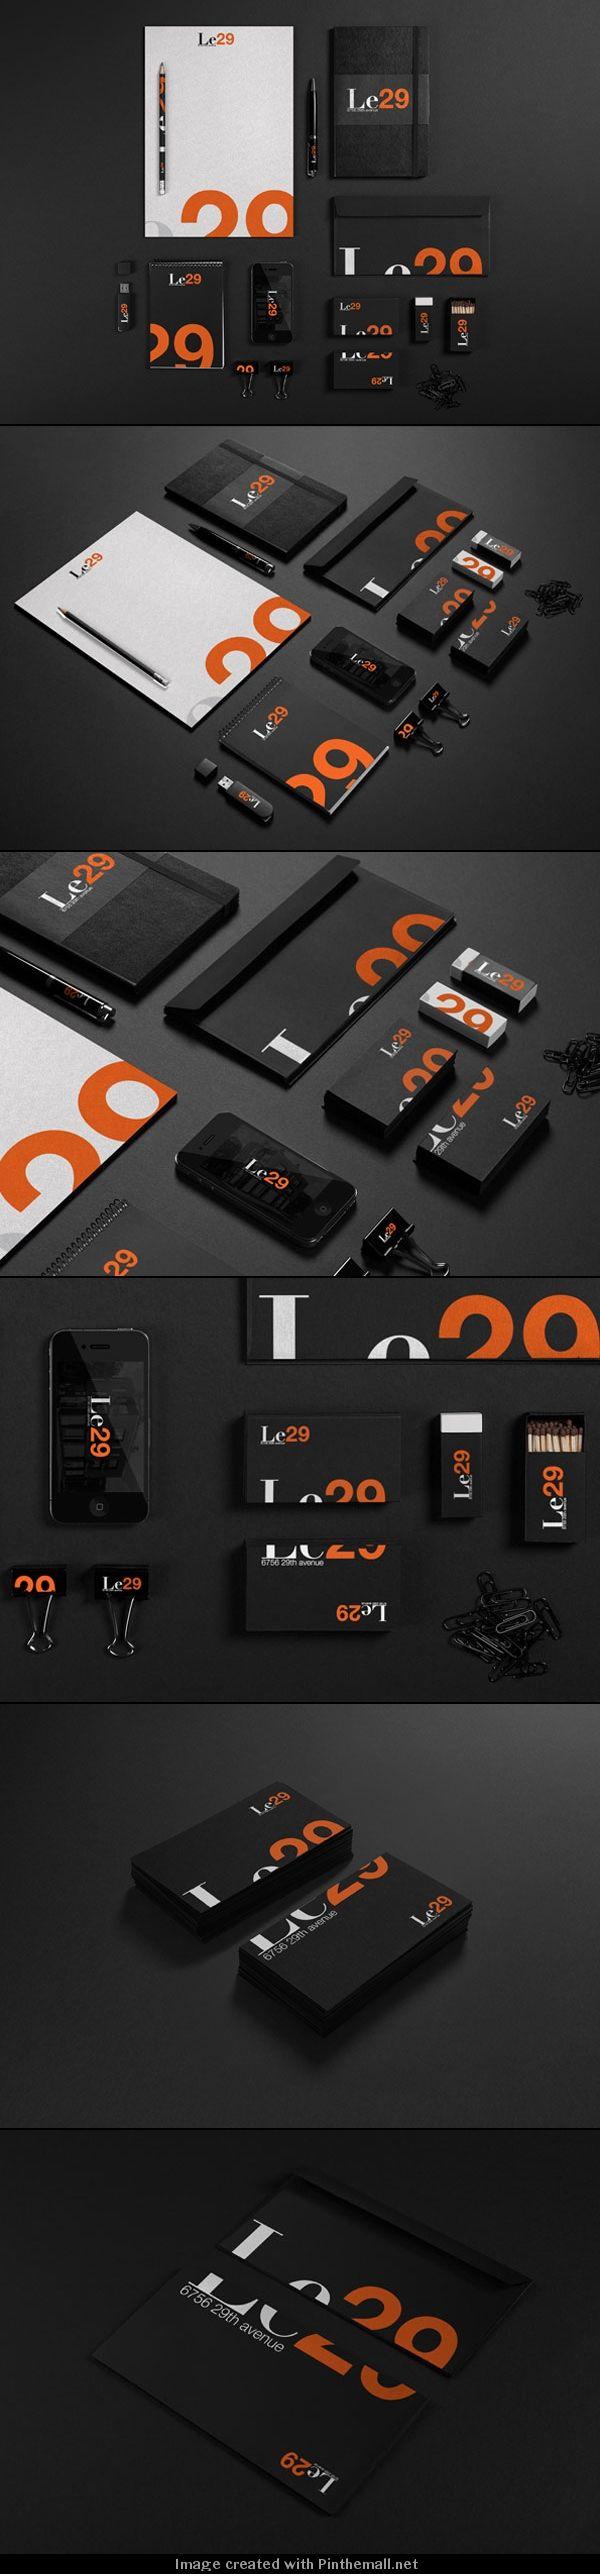 Kontrast Mann. Sowas von Kontrast. Gut! → Mehr #Design #Grafikdesign #Identität #CI #Geschäftsausstattung #Kontrast #Ideen & #Inspiration auf pins.dermichael.net ▶▶